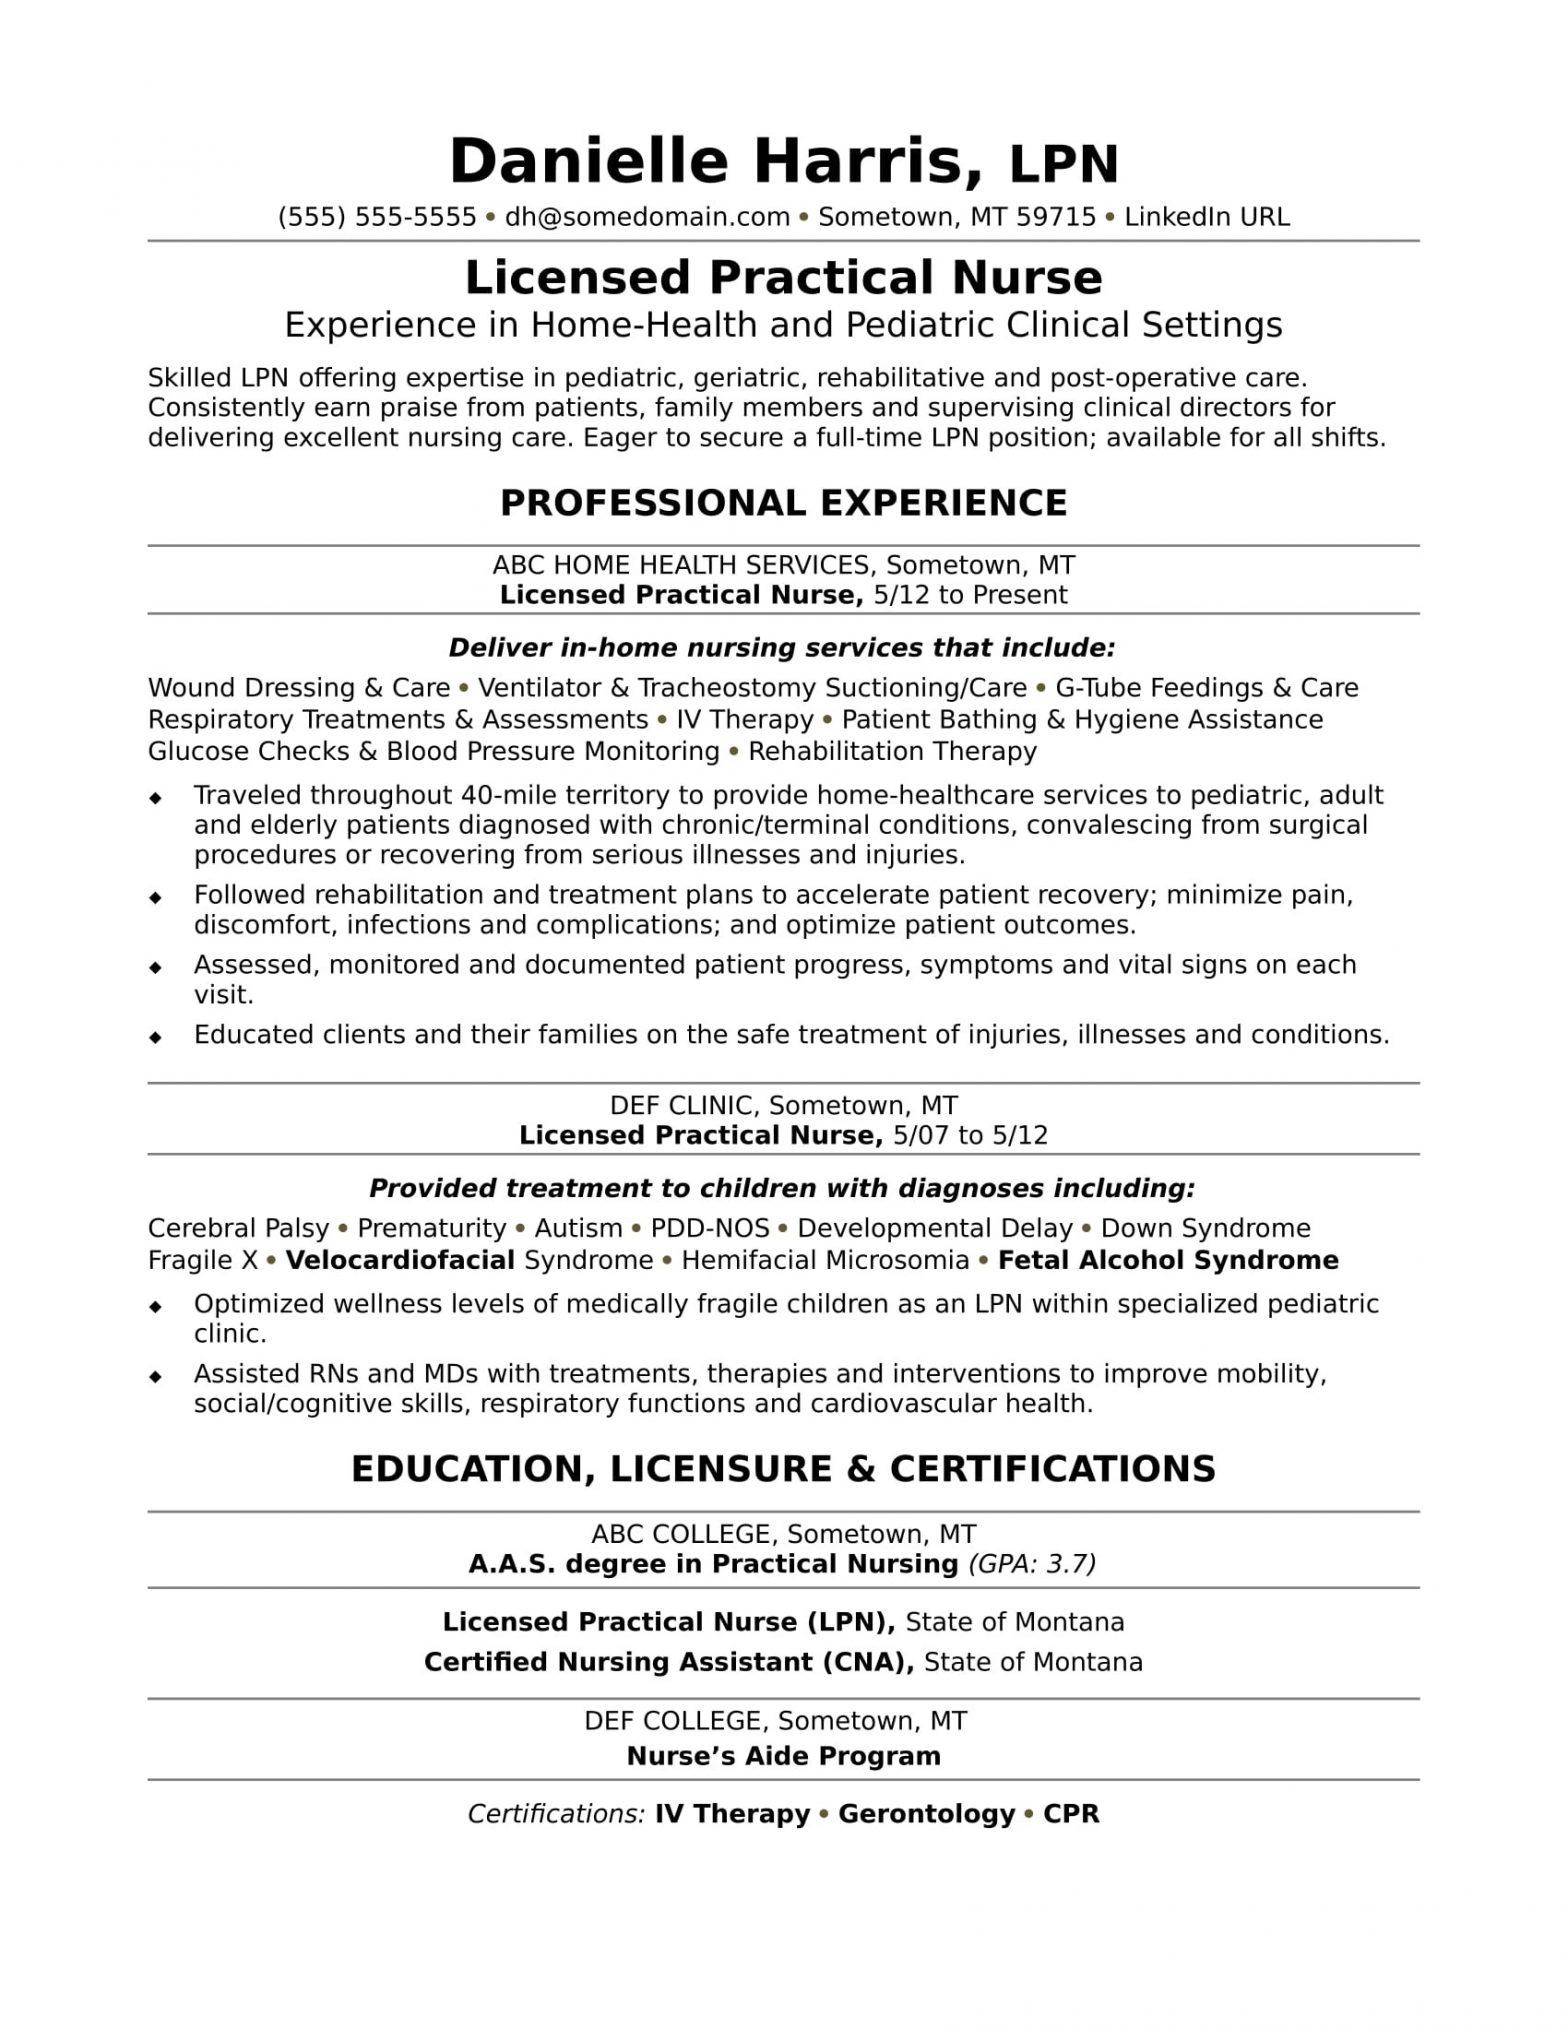 Sample Resume for Licensed Vocational Nurse Licensed Practical Nurse Resume Sample Monster.com